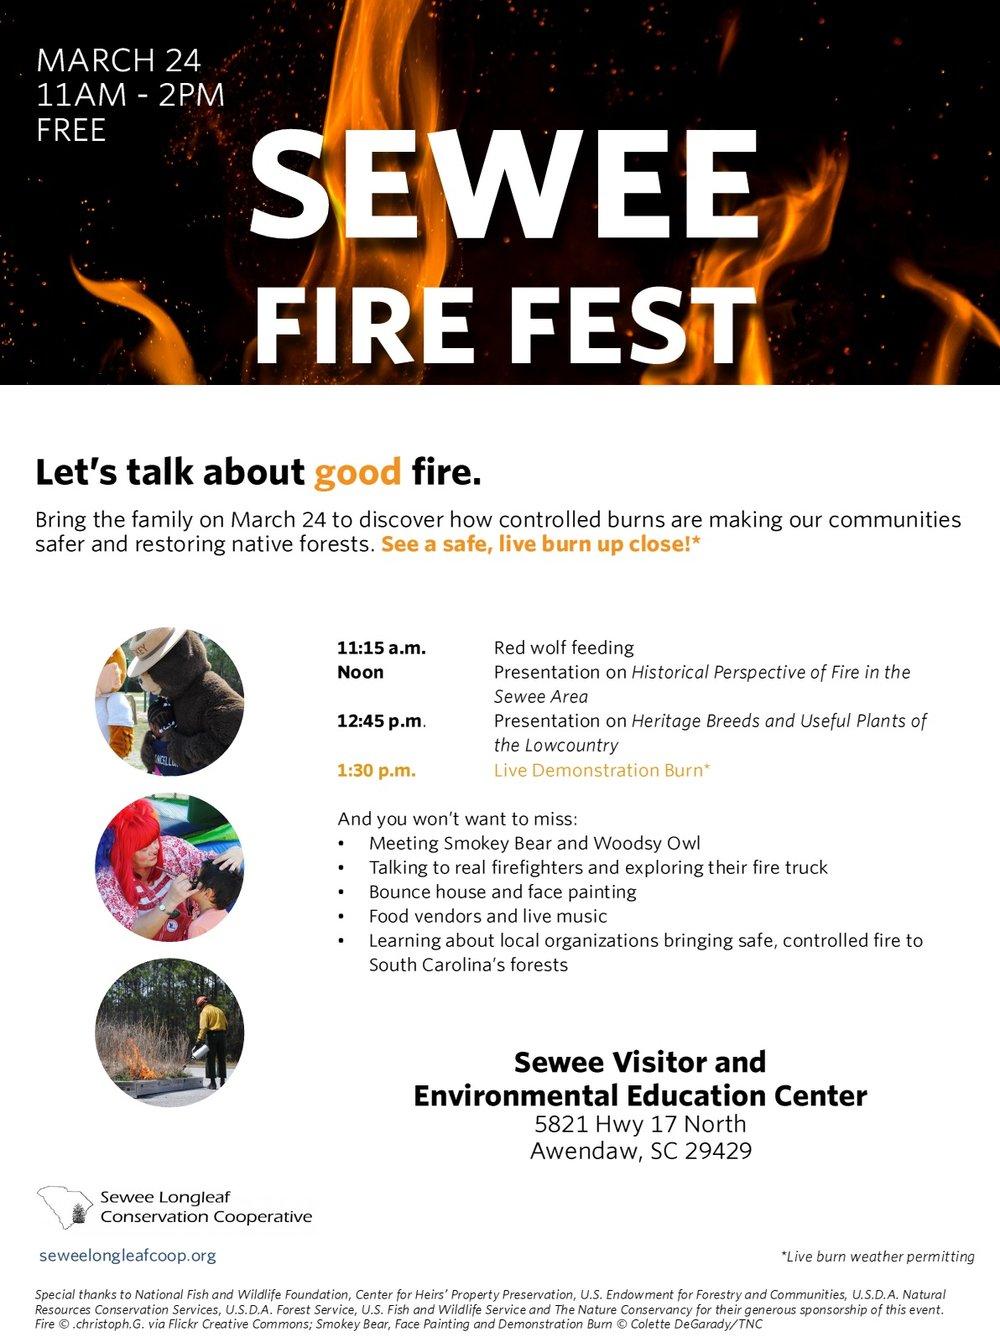 Sewee Fire Fest Flyer 2018.jpg